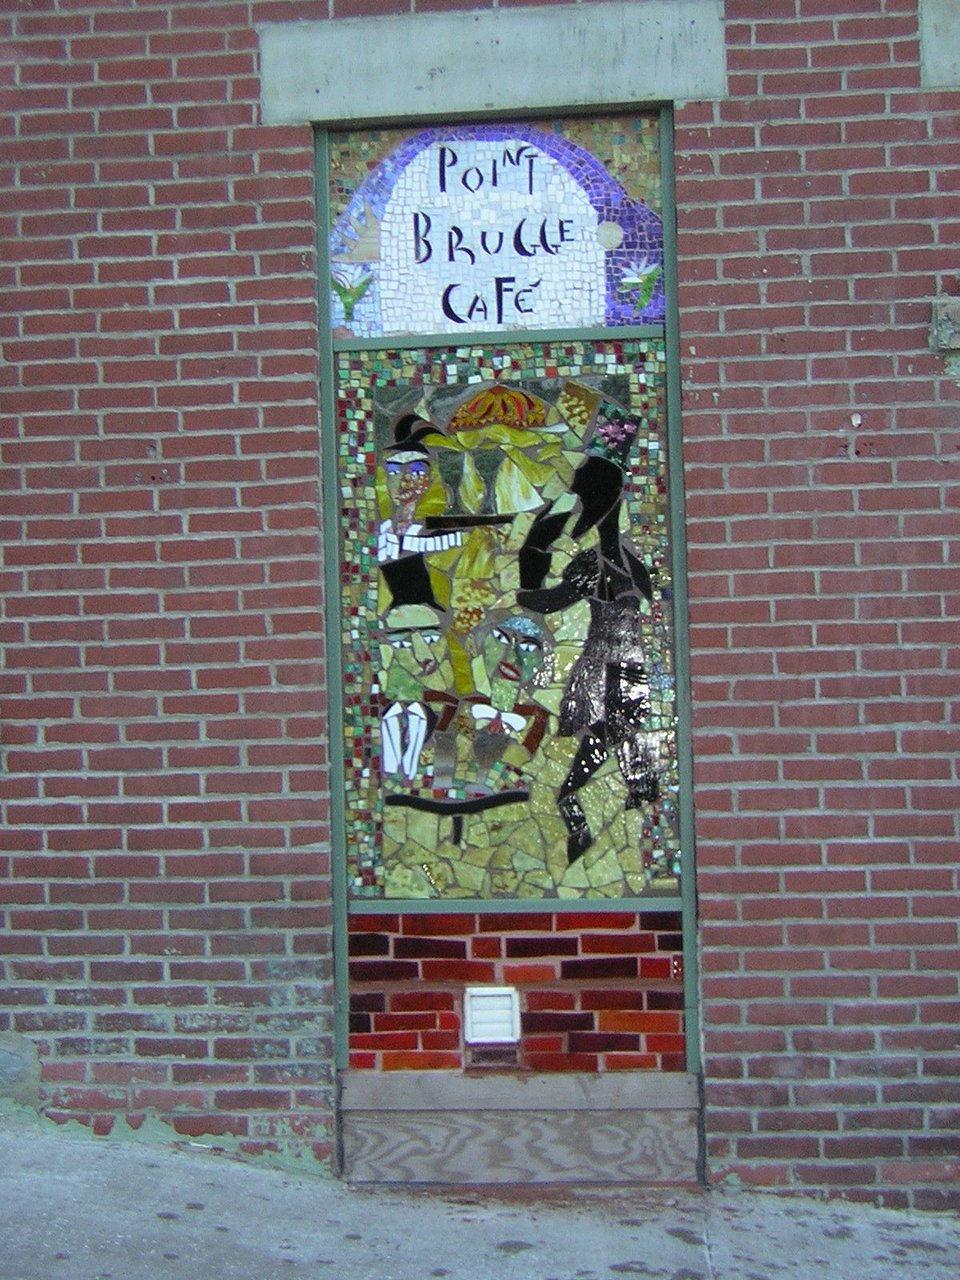 Point Brugge Cafe'